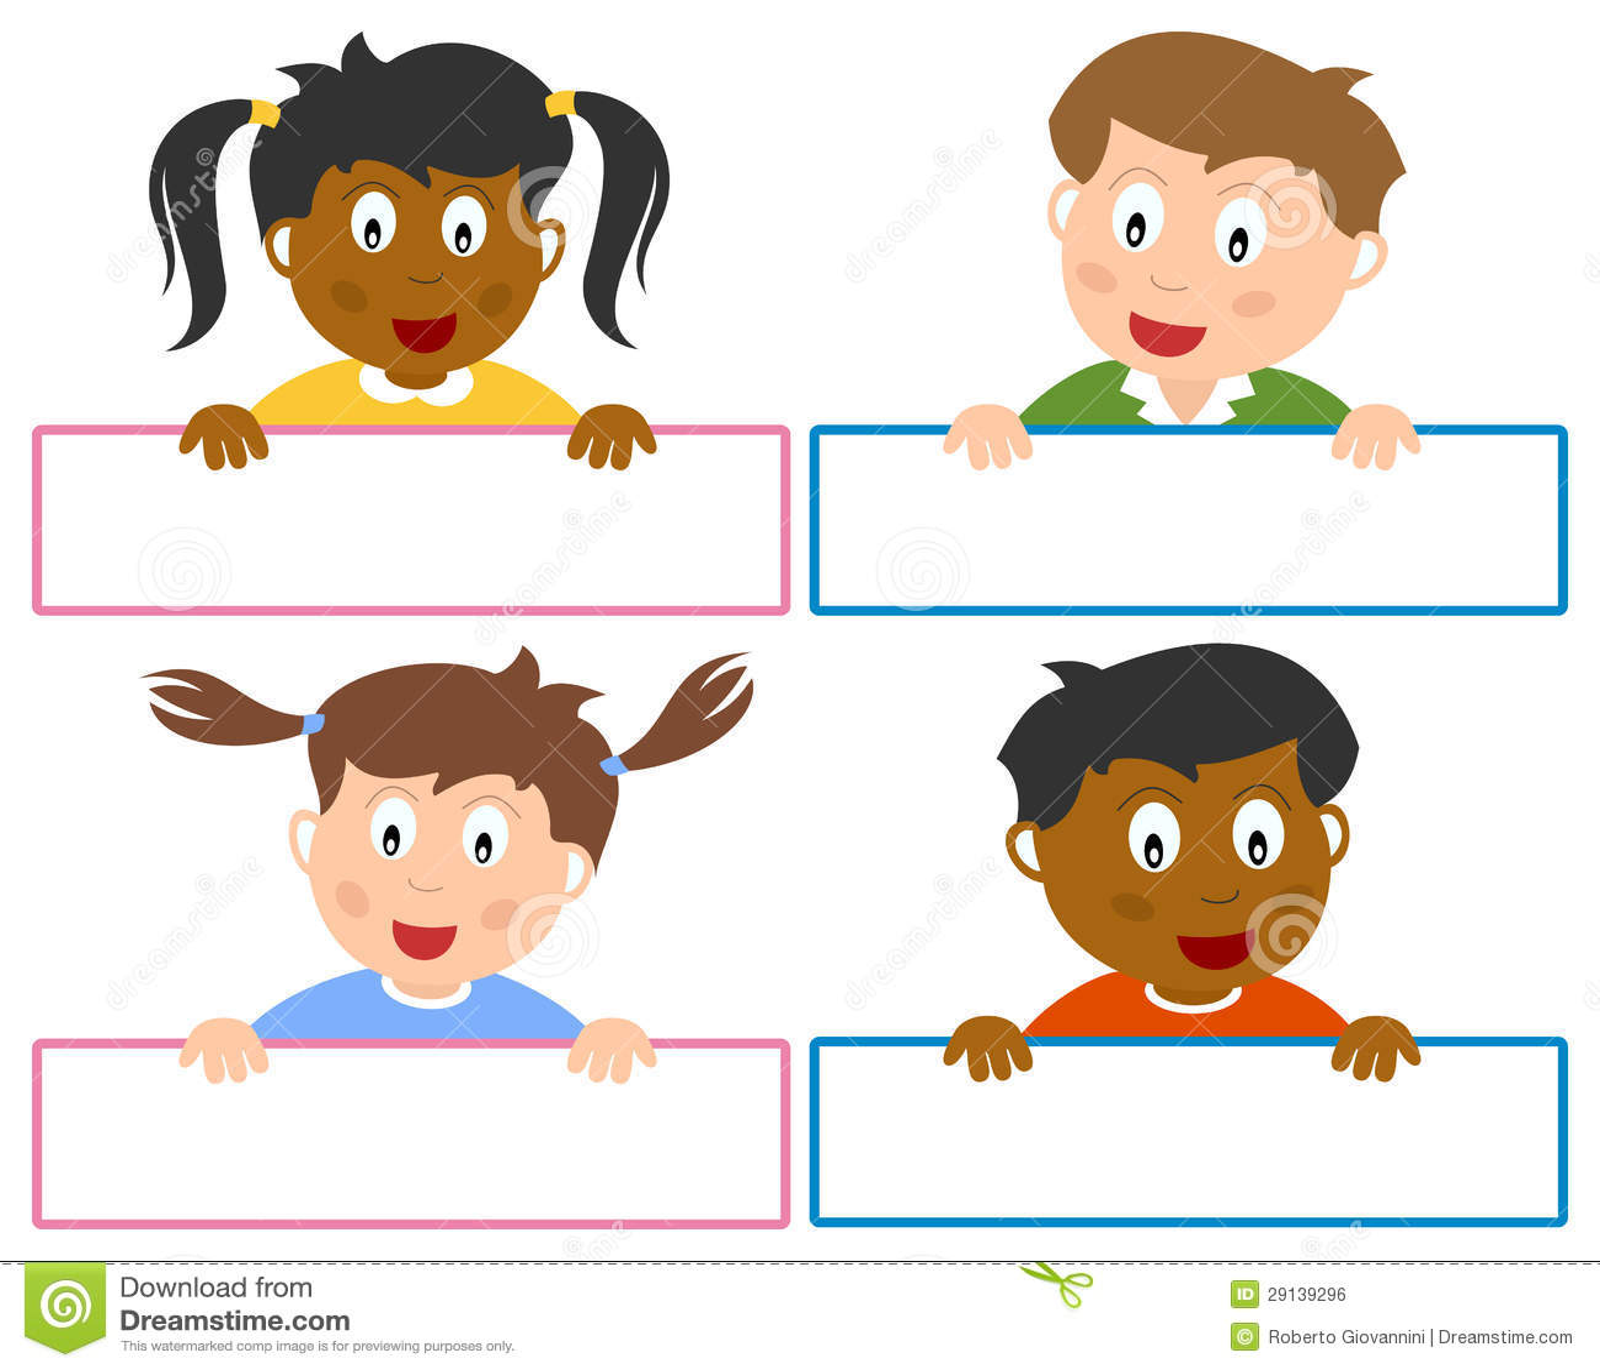 Boys Premium Name Labels: Naamplaatjes Voor Jonge Geitjes Vector Illustratie